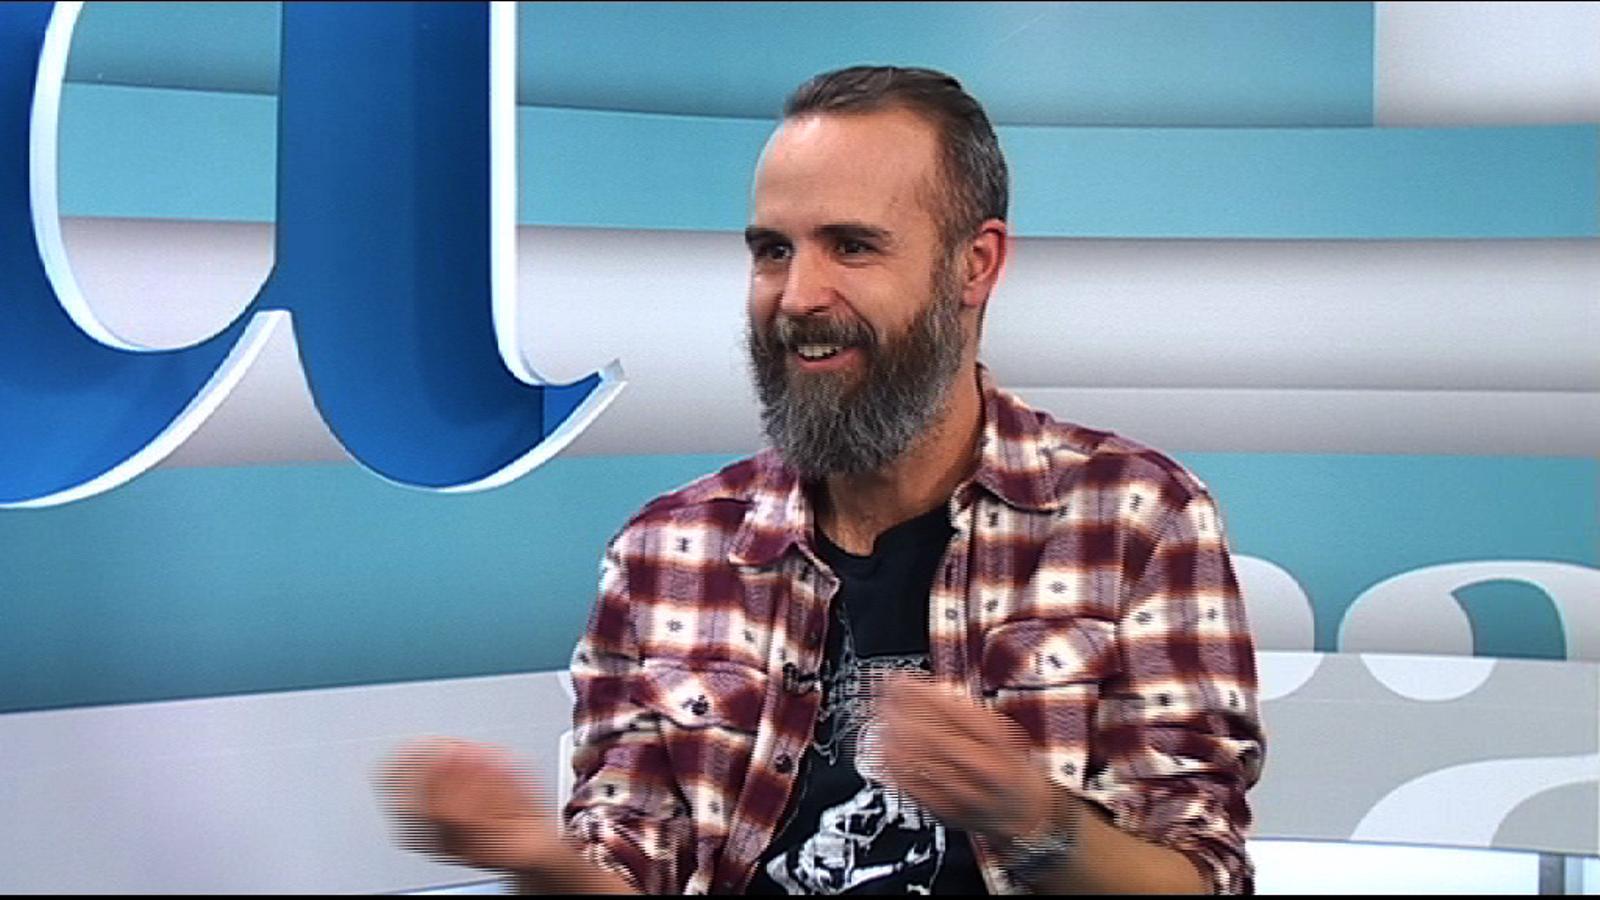 Marc Crehuet: A 'Pop ràpid' fas conya dels modernets; és perquè tu ho ets? Tinc una relació d'amor-odi amb aquest terme